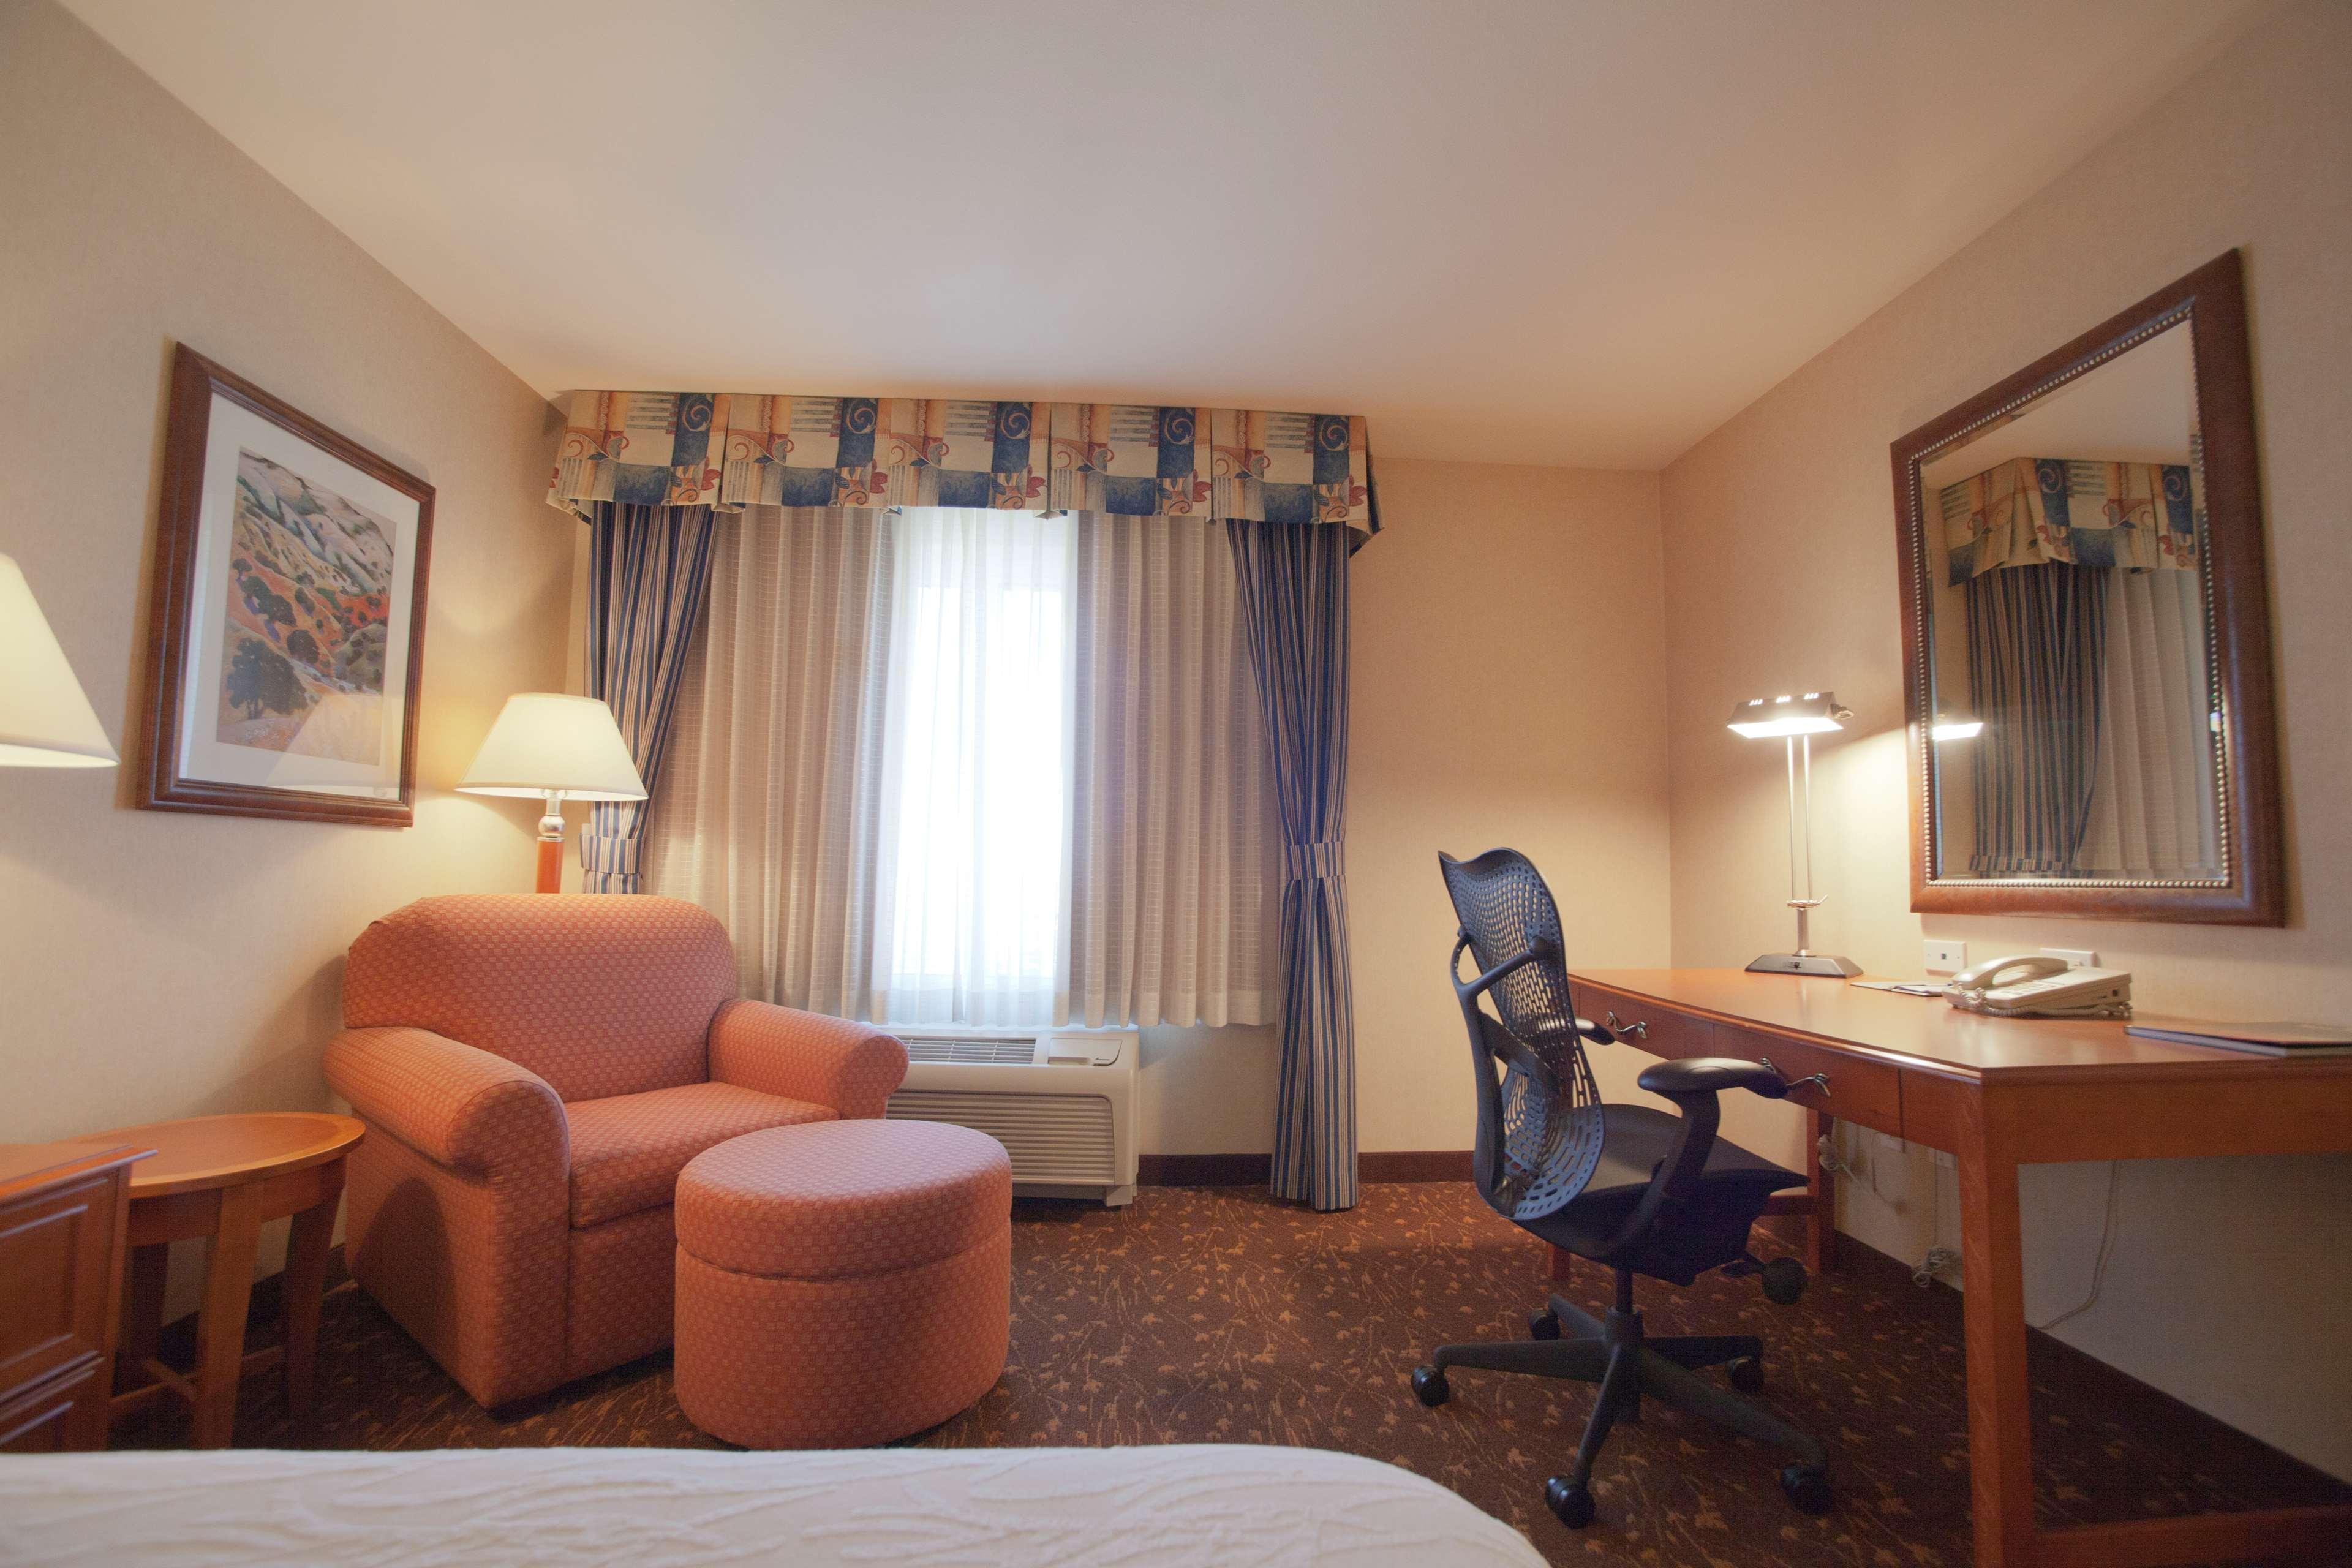 Hilton Garden Inn Albuquerque/Journal Center image 17